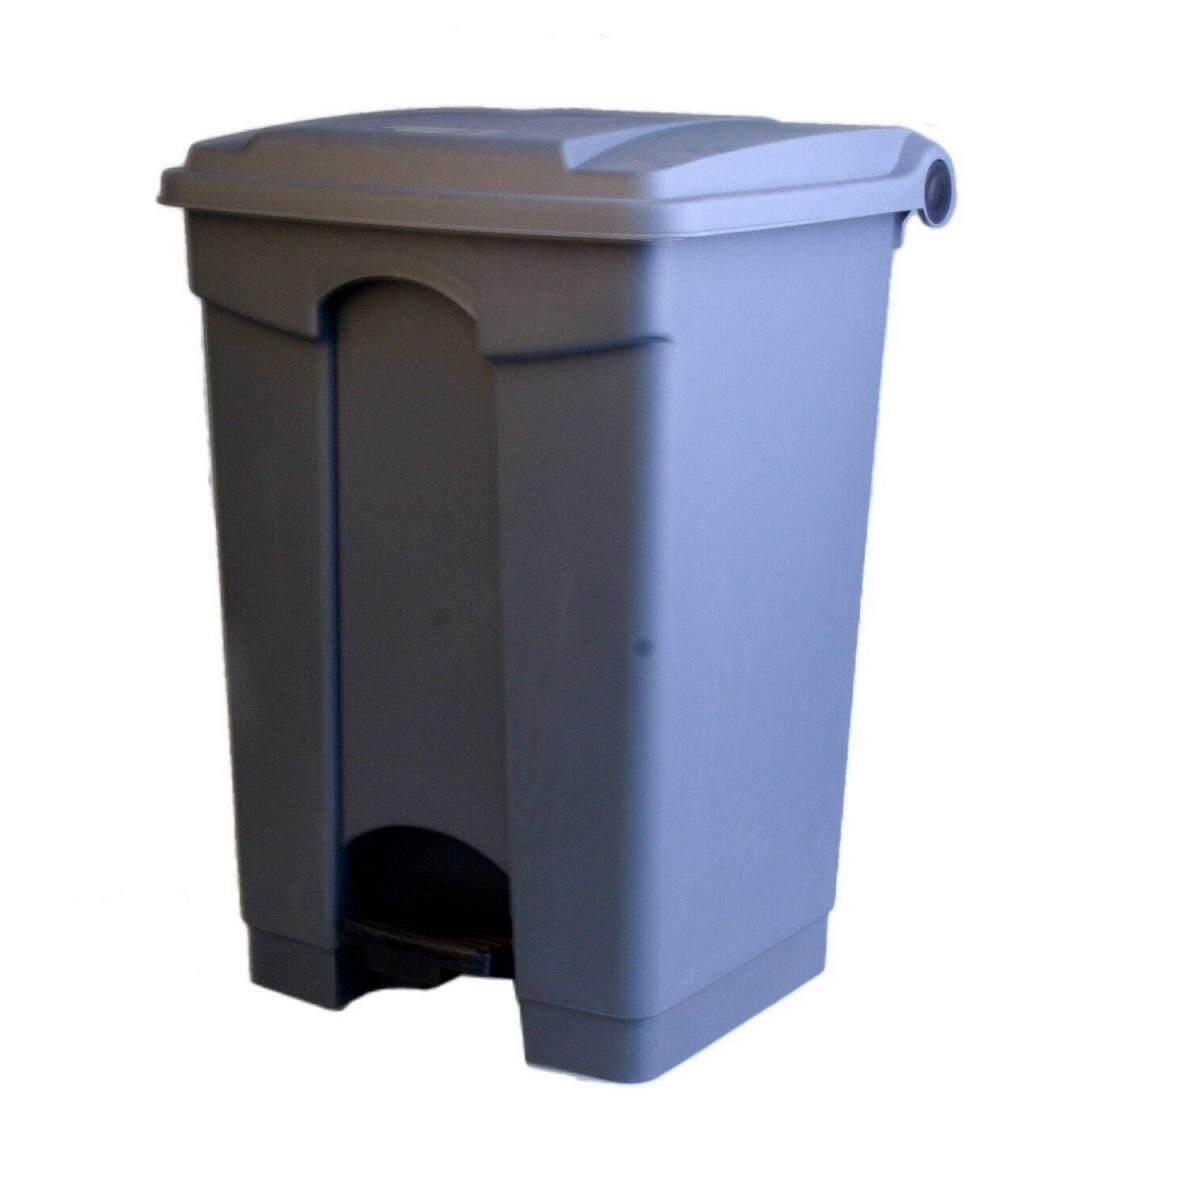 (OW) 45 Liter Pedal Trash / Garbage Bin